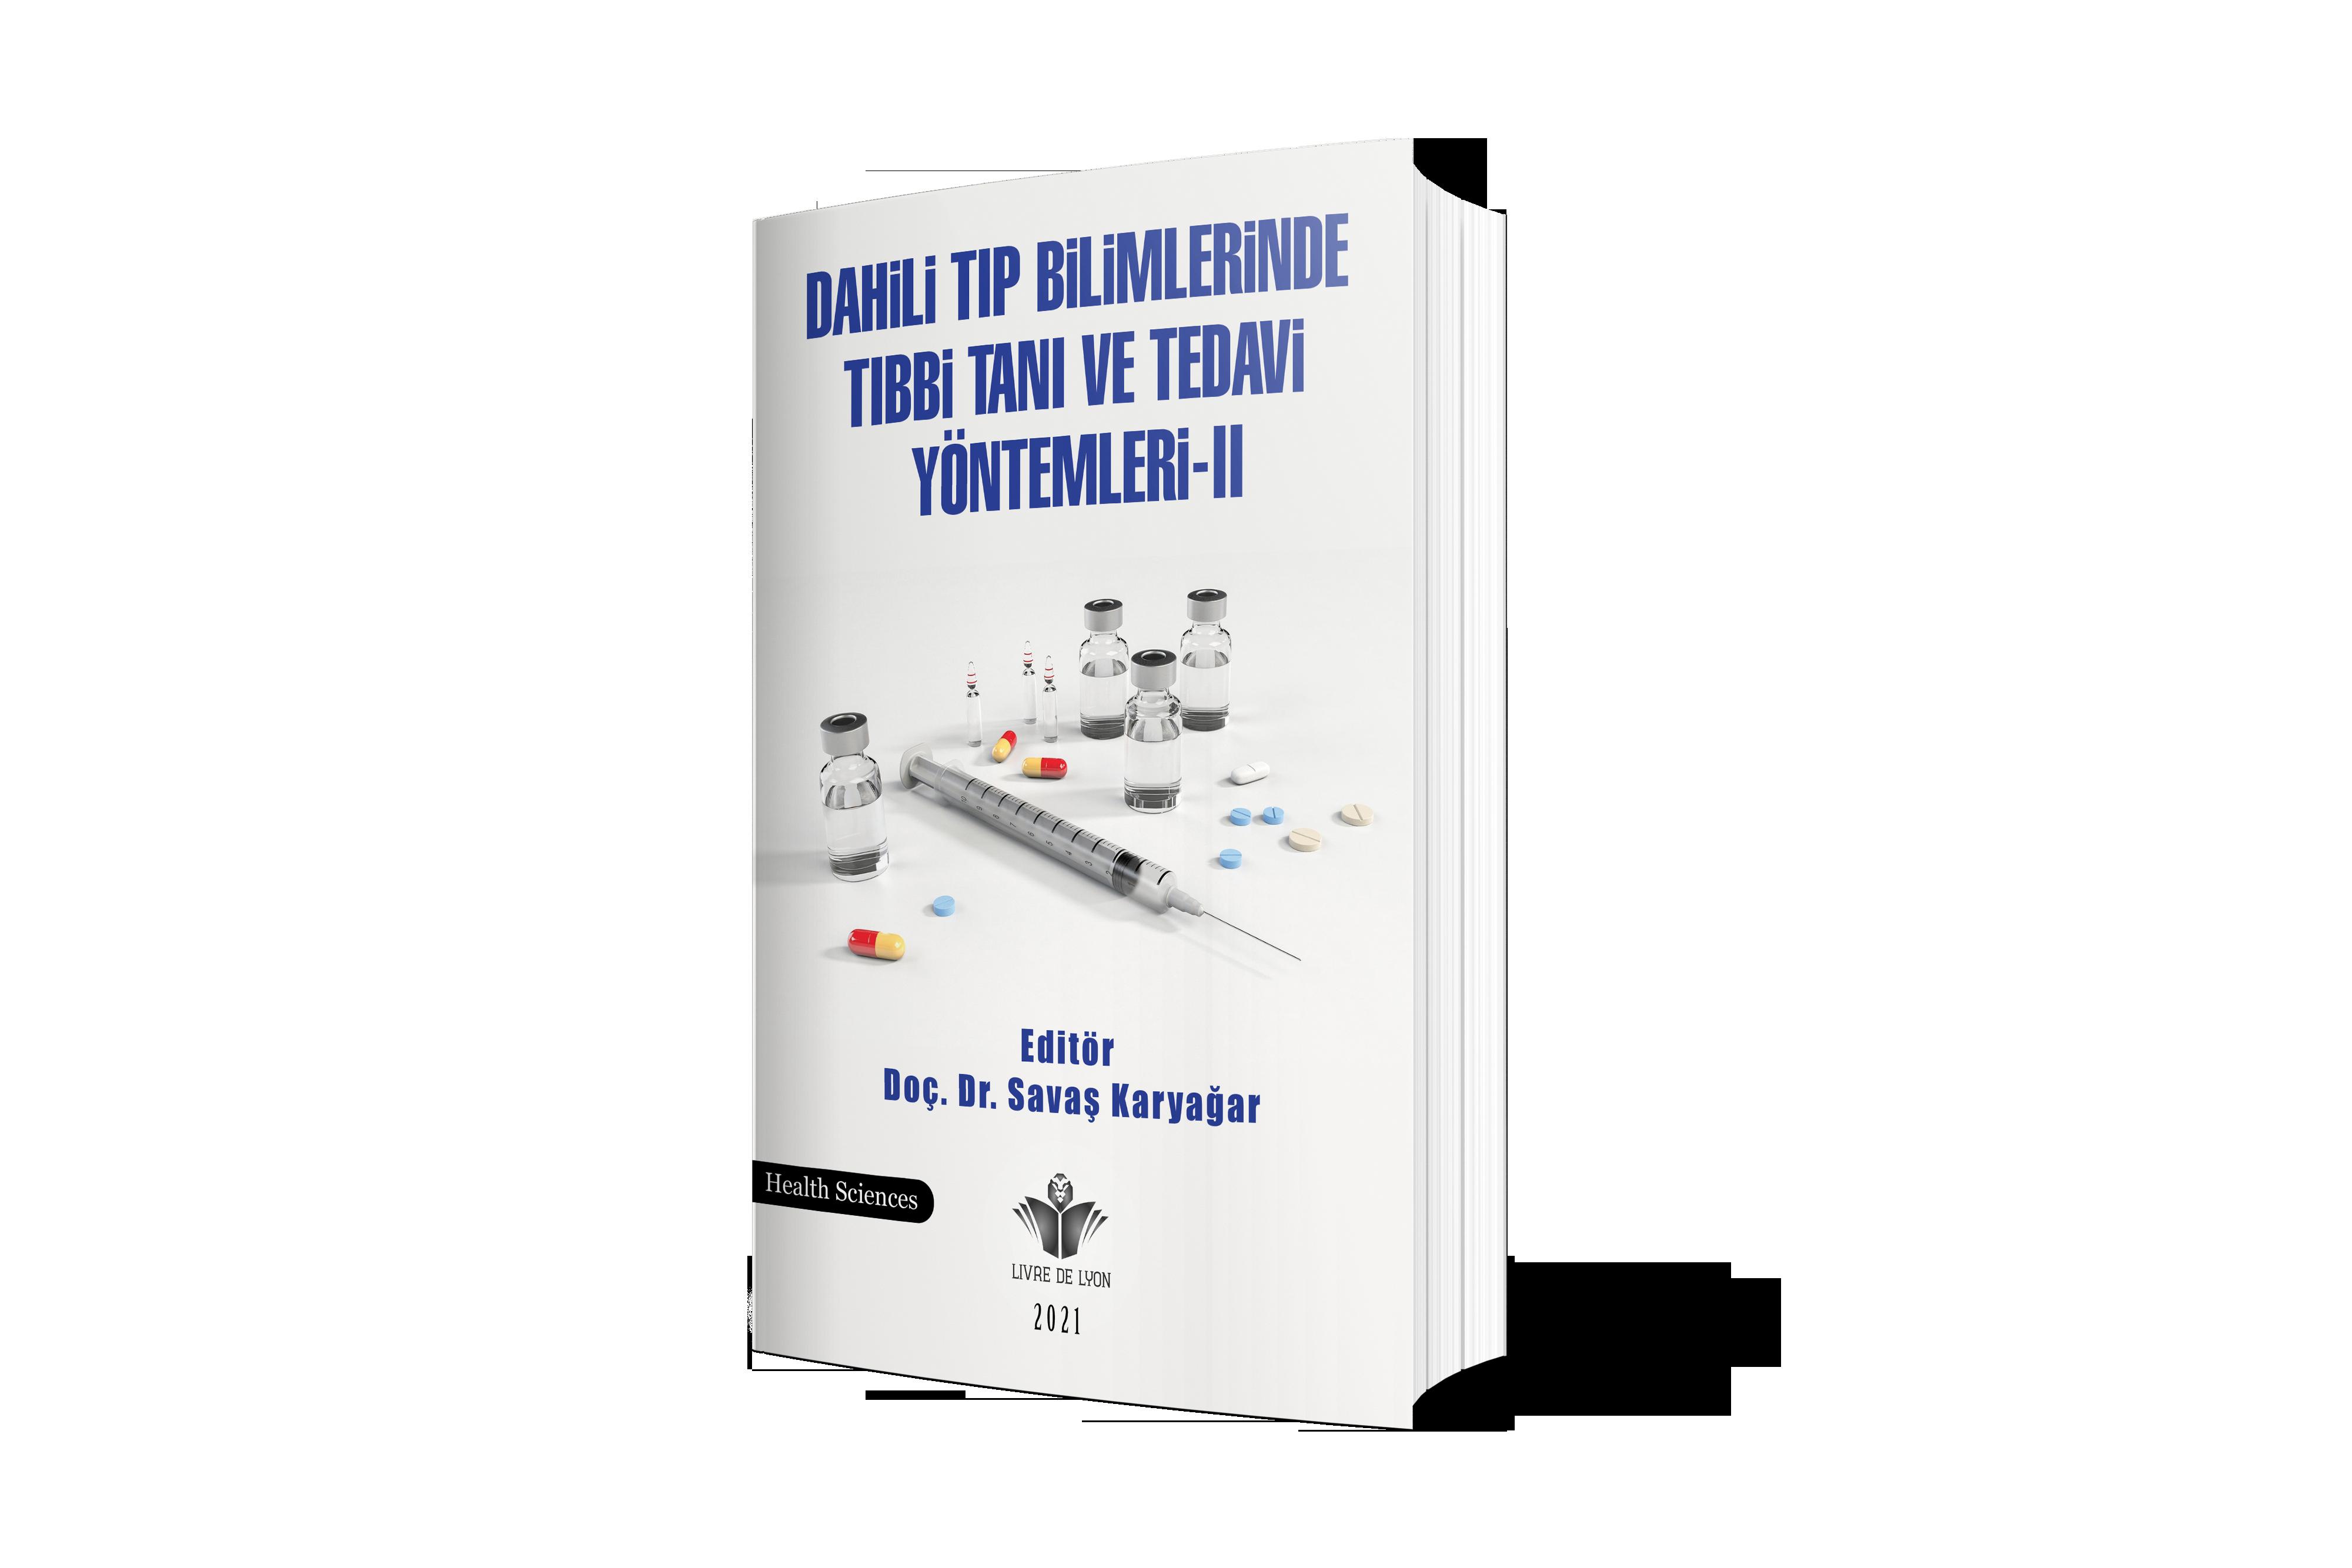 Dahili Tıp Bilimlerinde Tıbbi Tanı ve Tedavi Yöntemleri-II